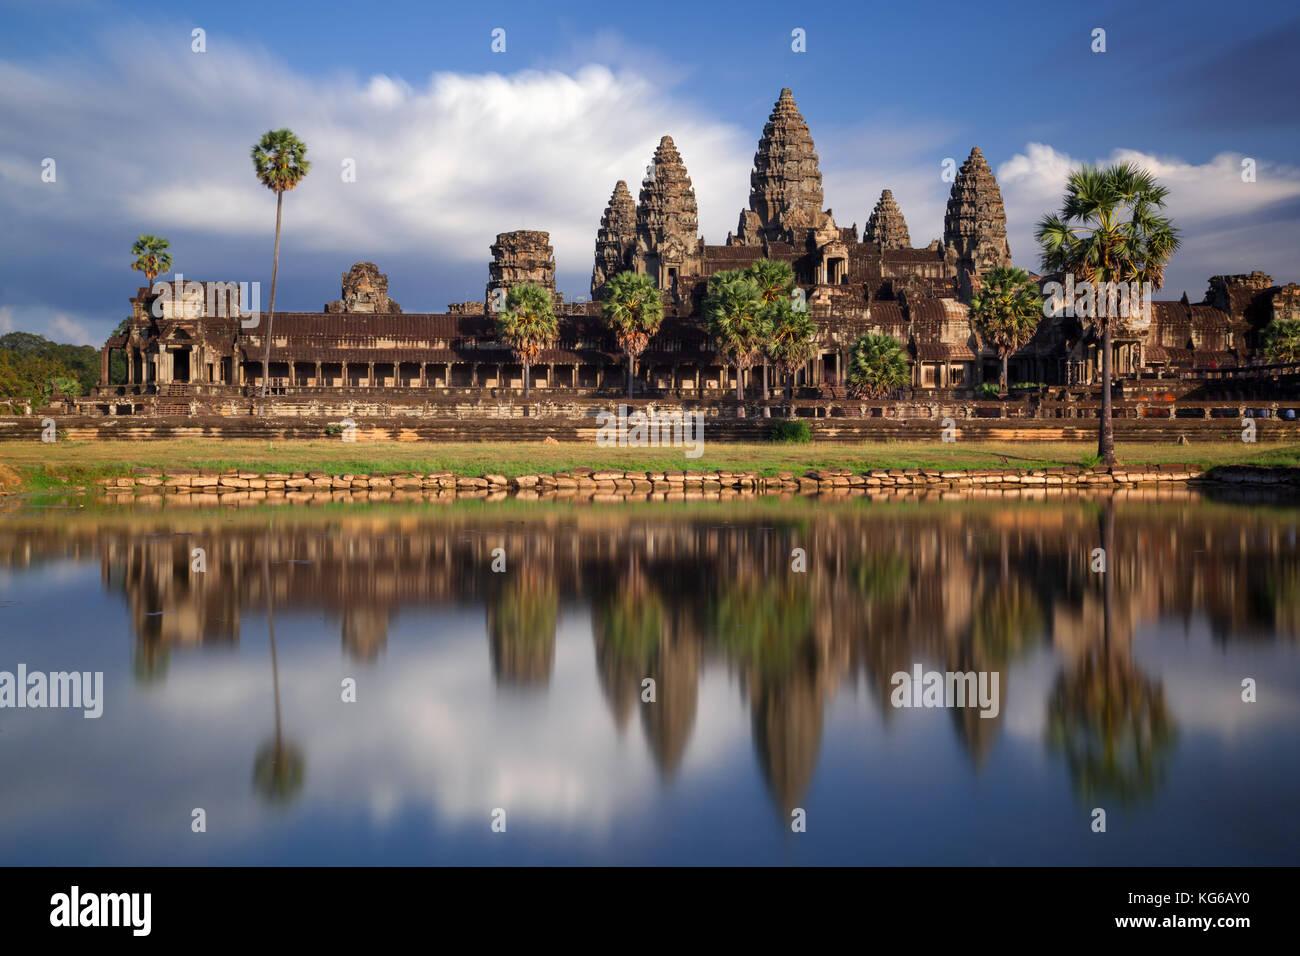 A long exposure image of Angkor Wat, Cambodia - Stock Image